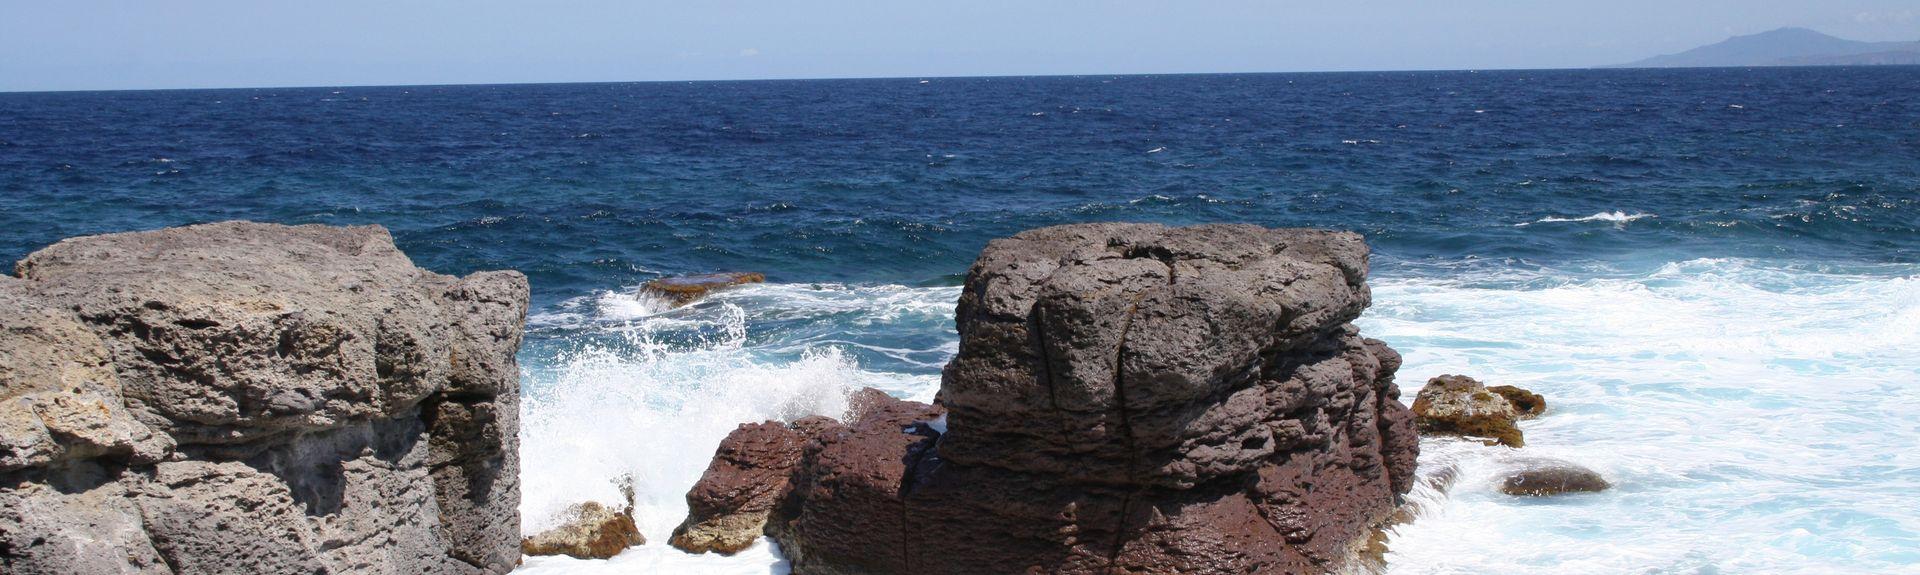 Strand von Tuerredda, Teulada, Sardinien, Italien